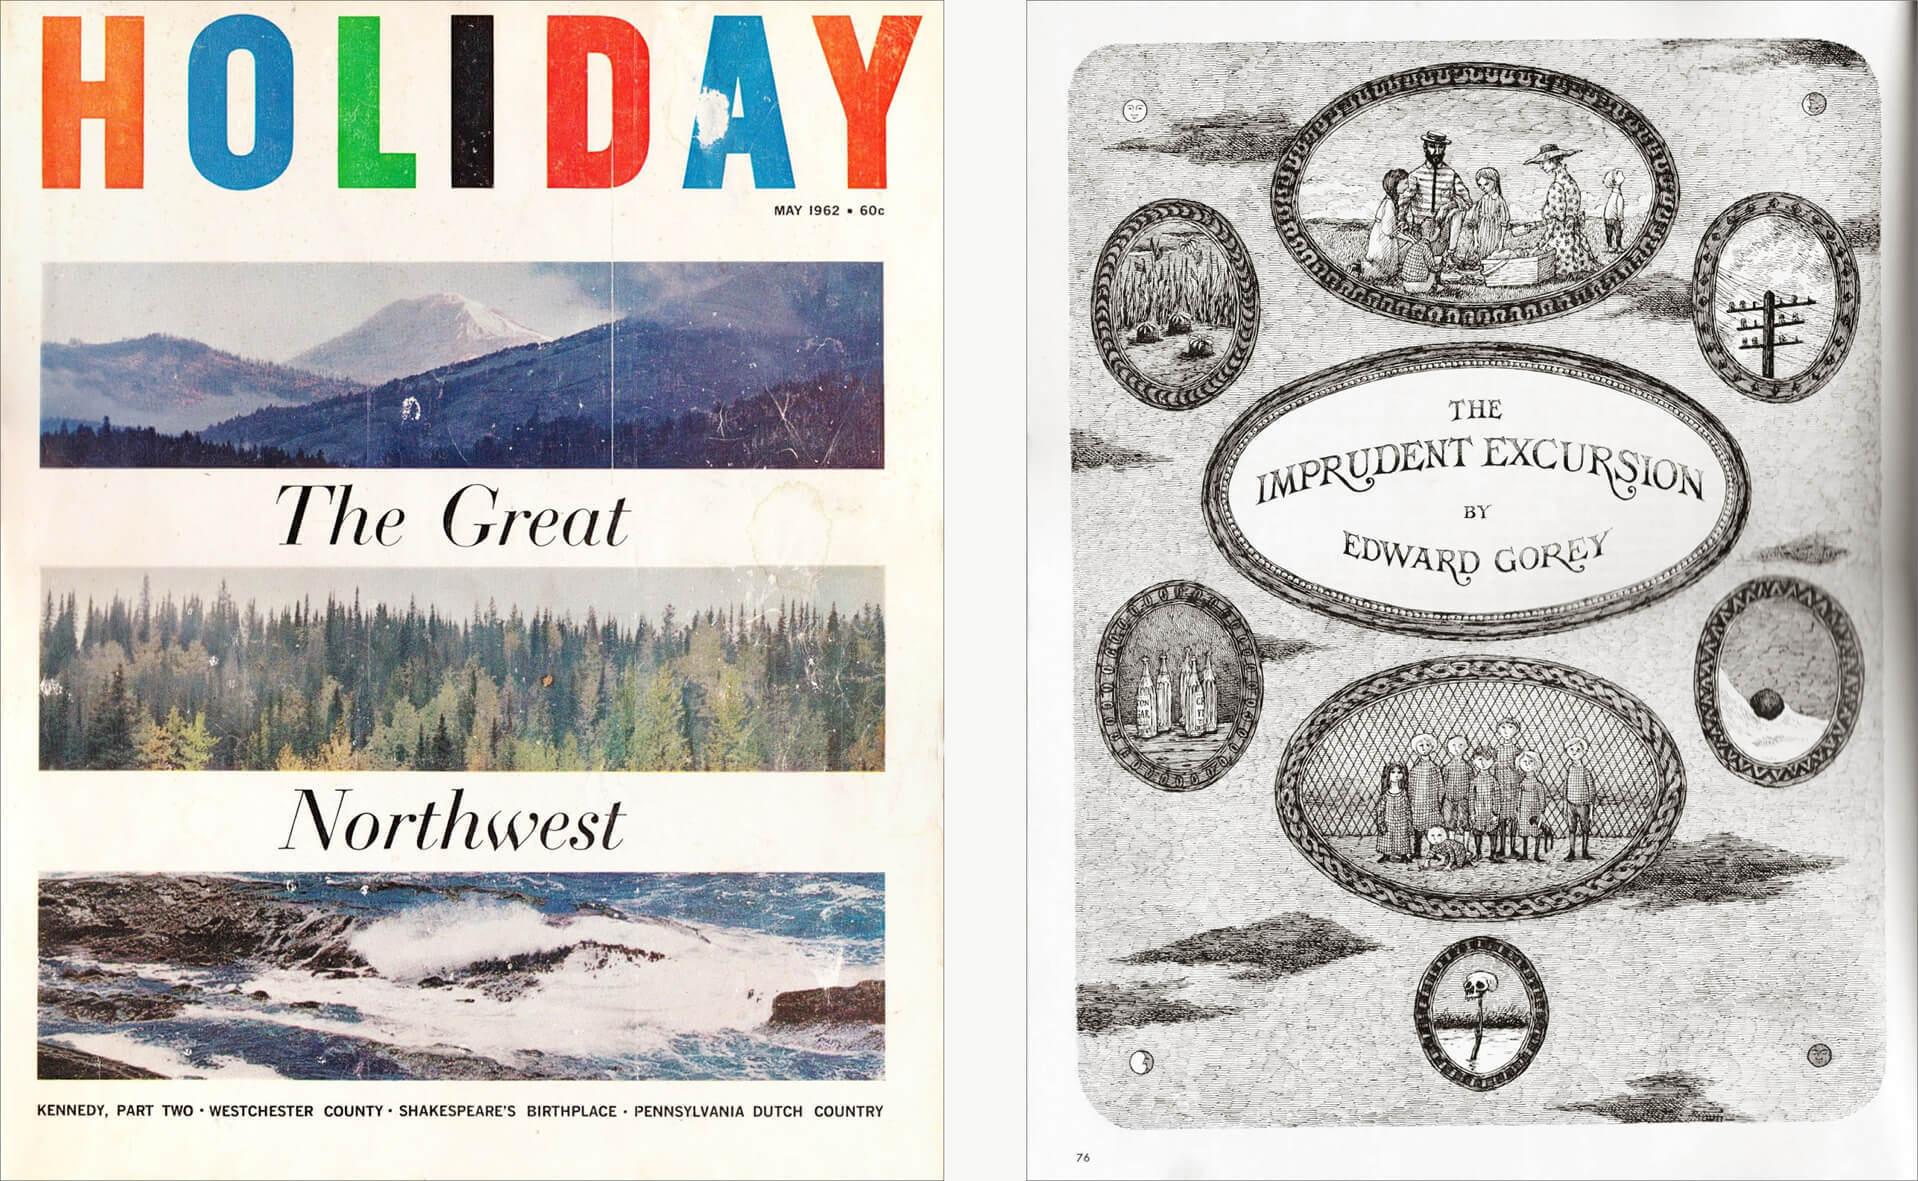 holiday-magazine-may-1962-edward-gorey-1.jpg